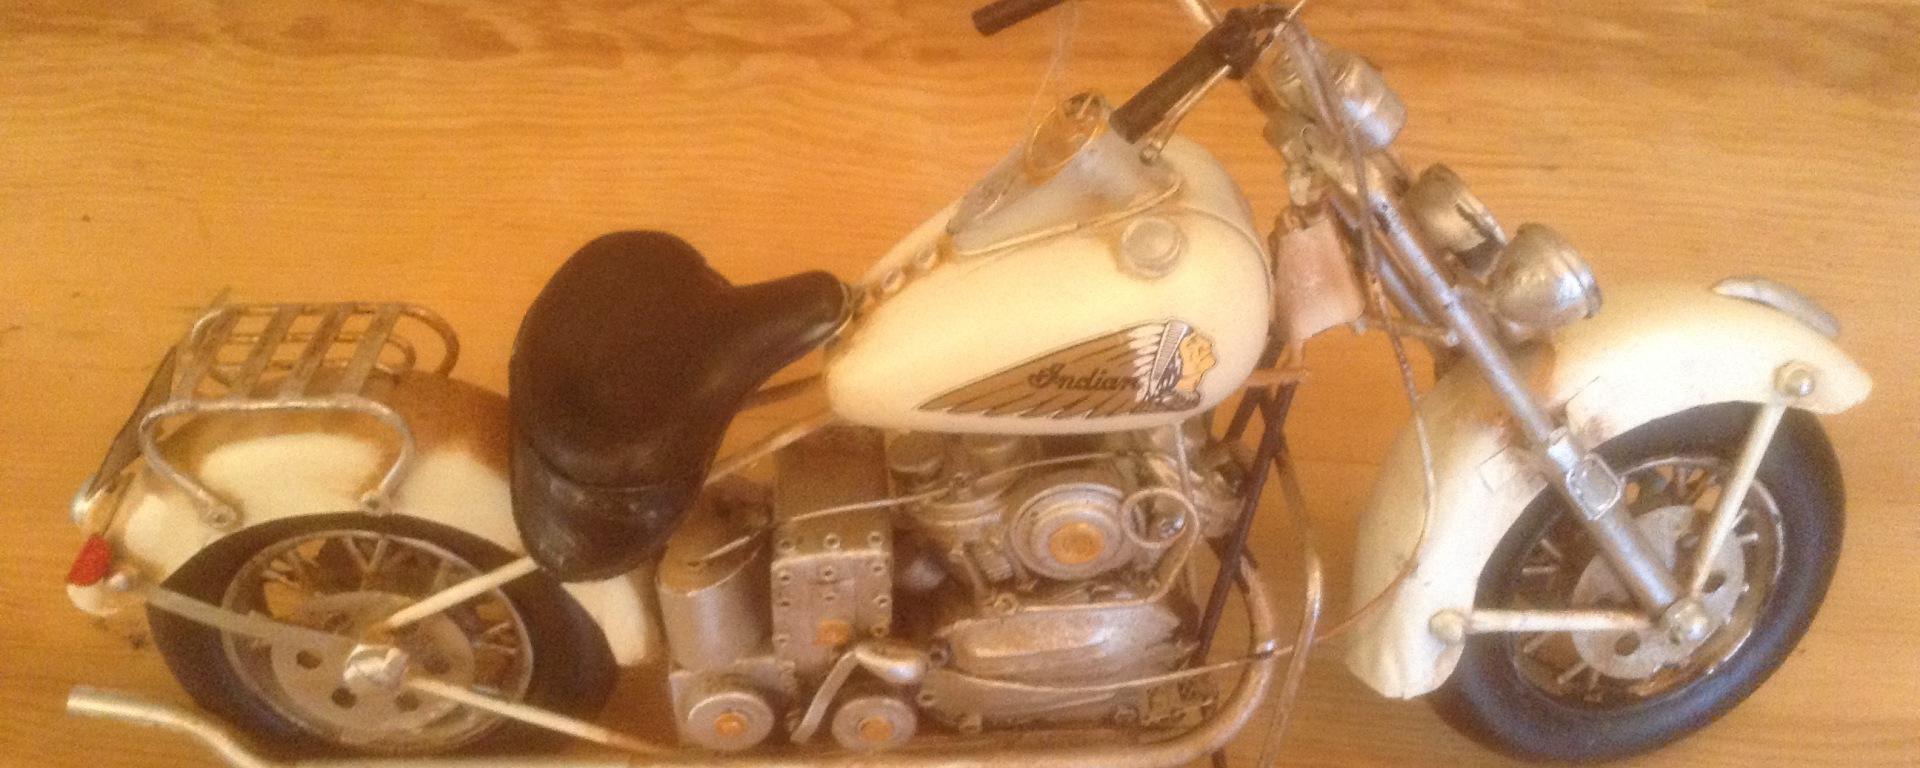 motorbike birthday present